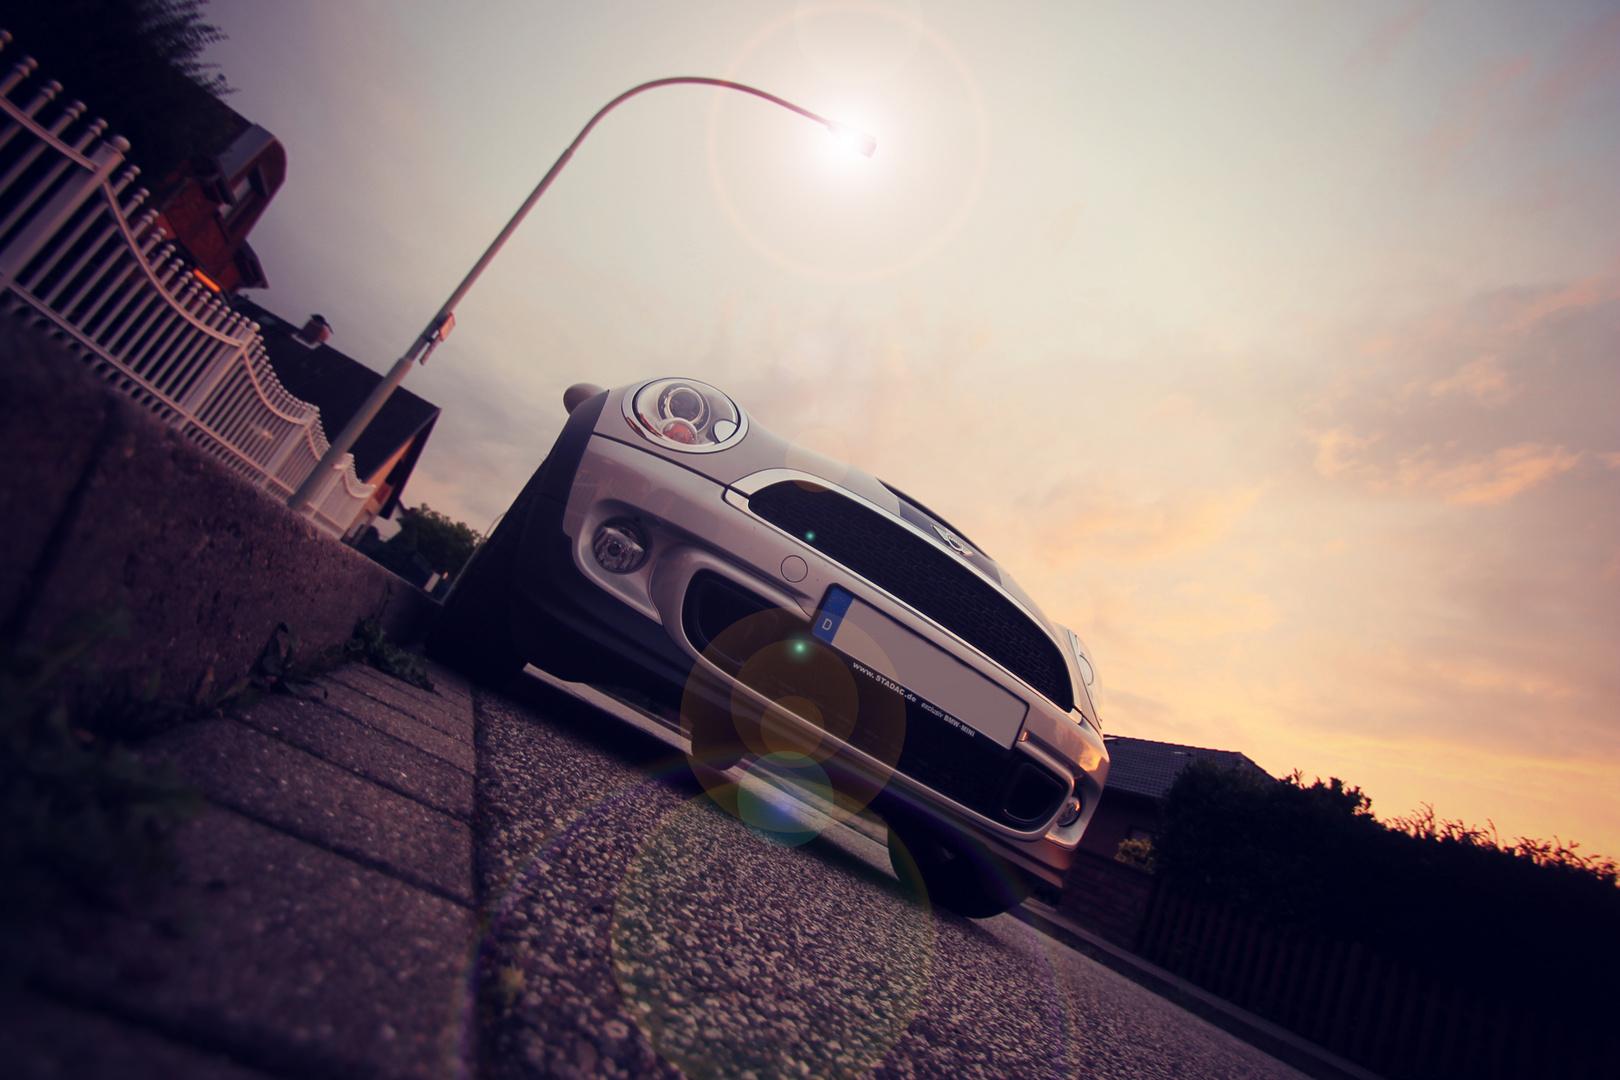 MINI Cooper Coupe S